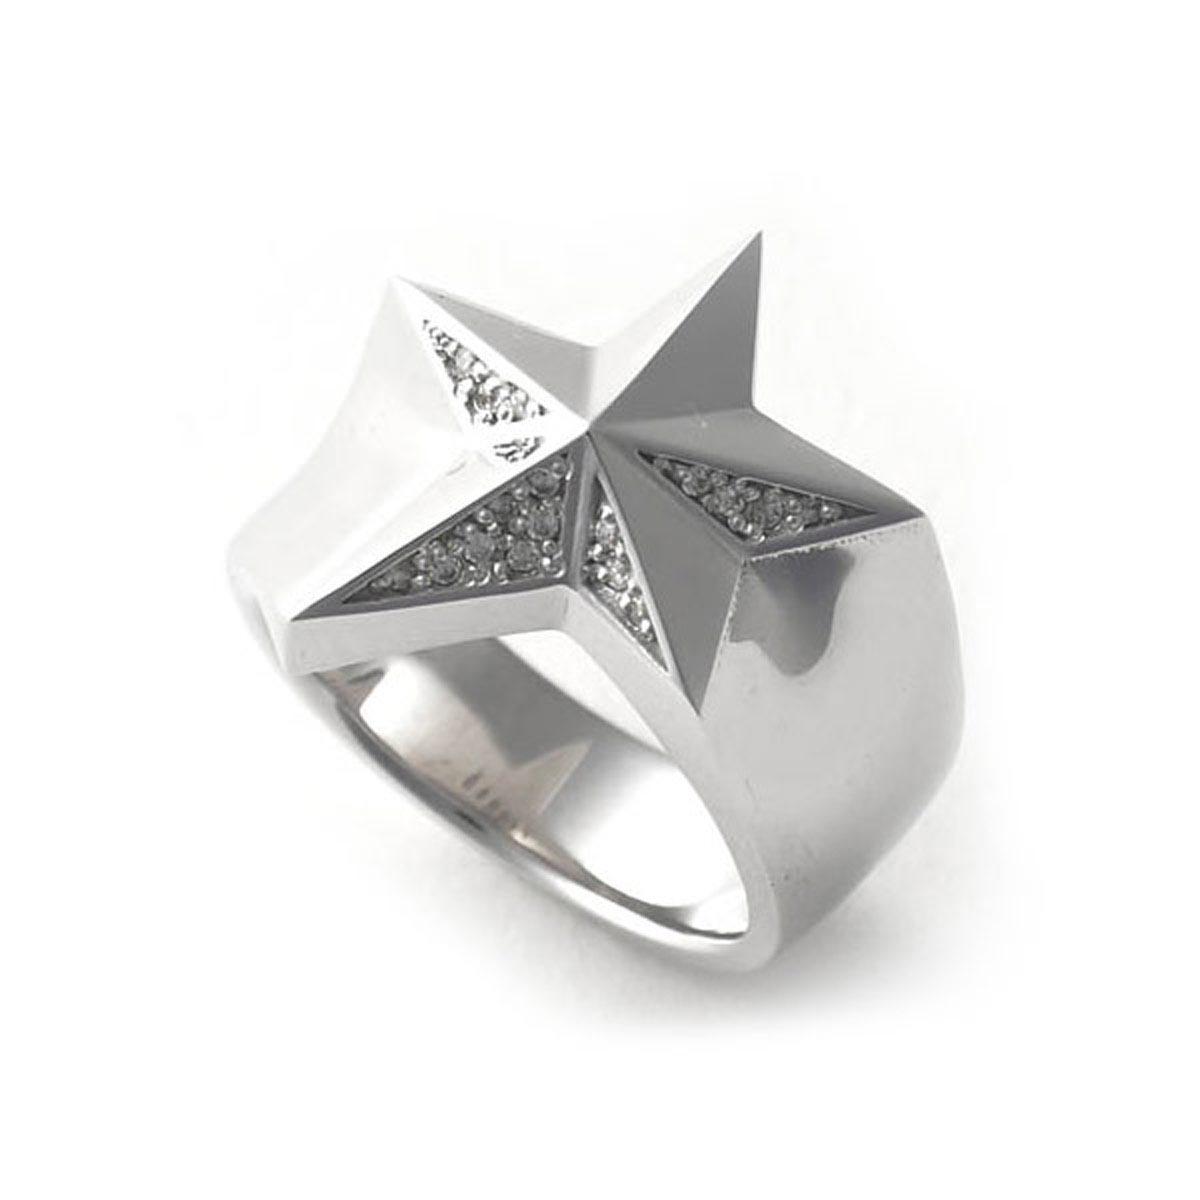 ガーデル GARDEL リング 指輪 メンズ レディース アクセサリー ジュエリー ギフト プレゼント SPARKLING【返品交換不可】【ラッピング無料】【190116】